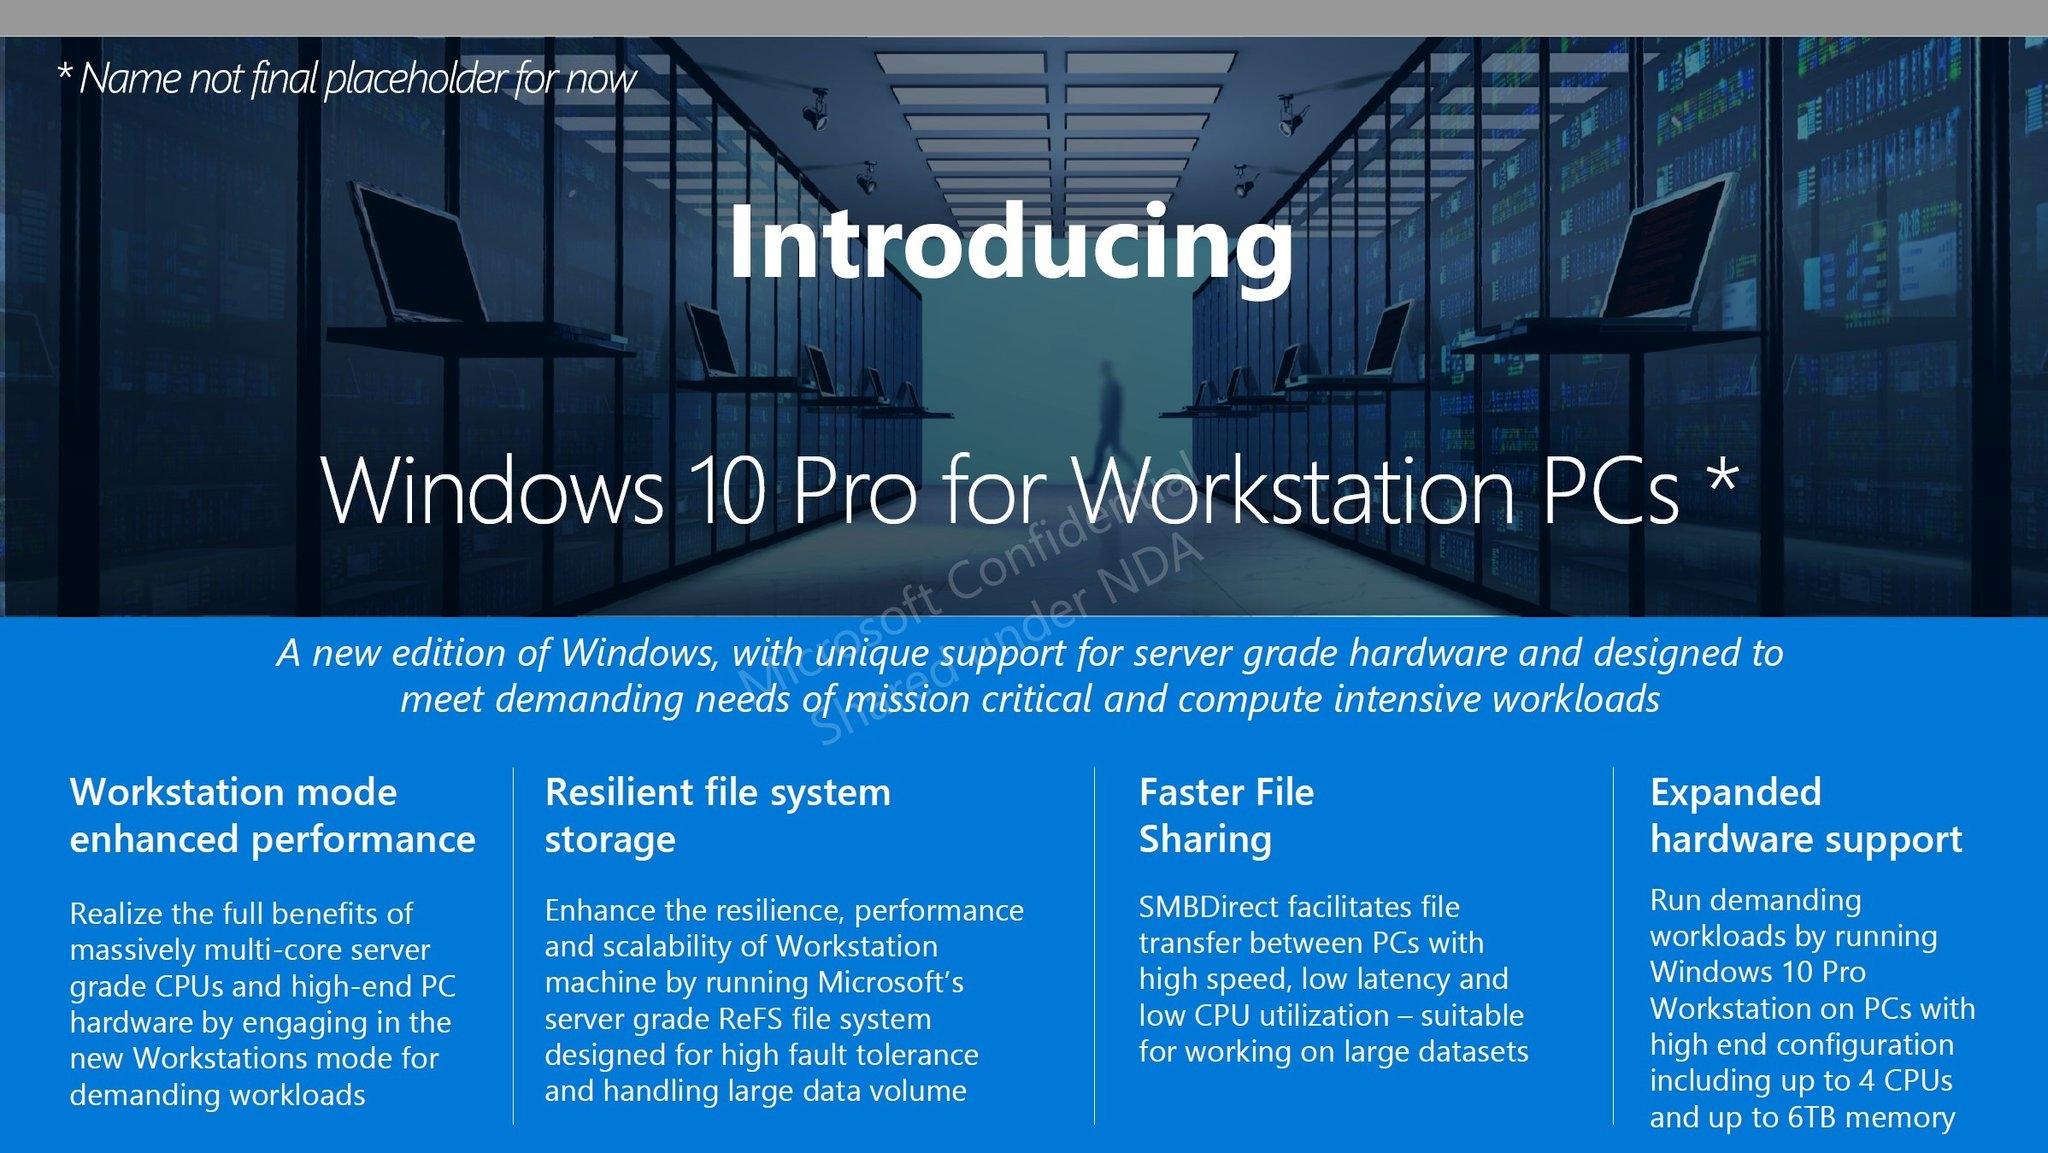 Компания Microsoft анонсировала выпуск 3-х модификаций Windows 10